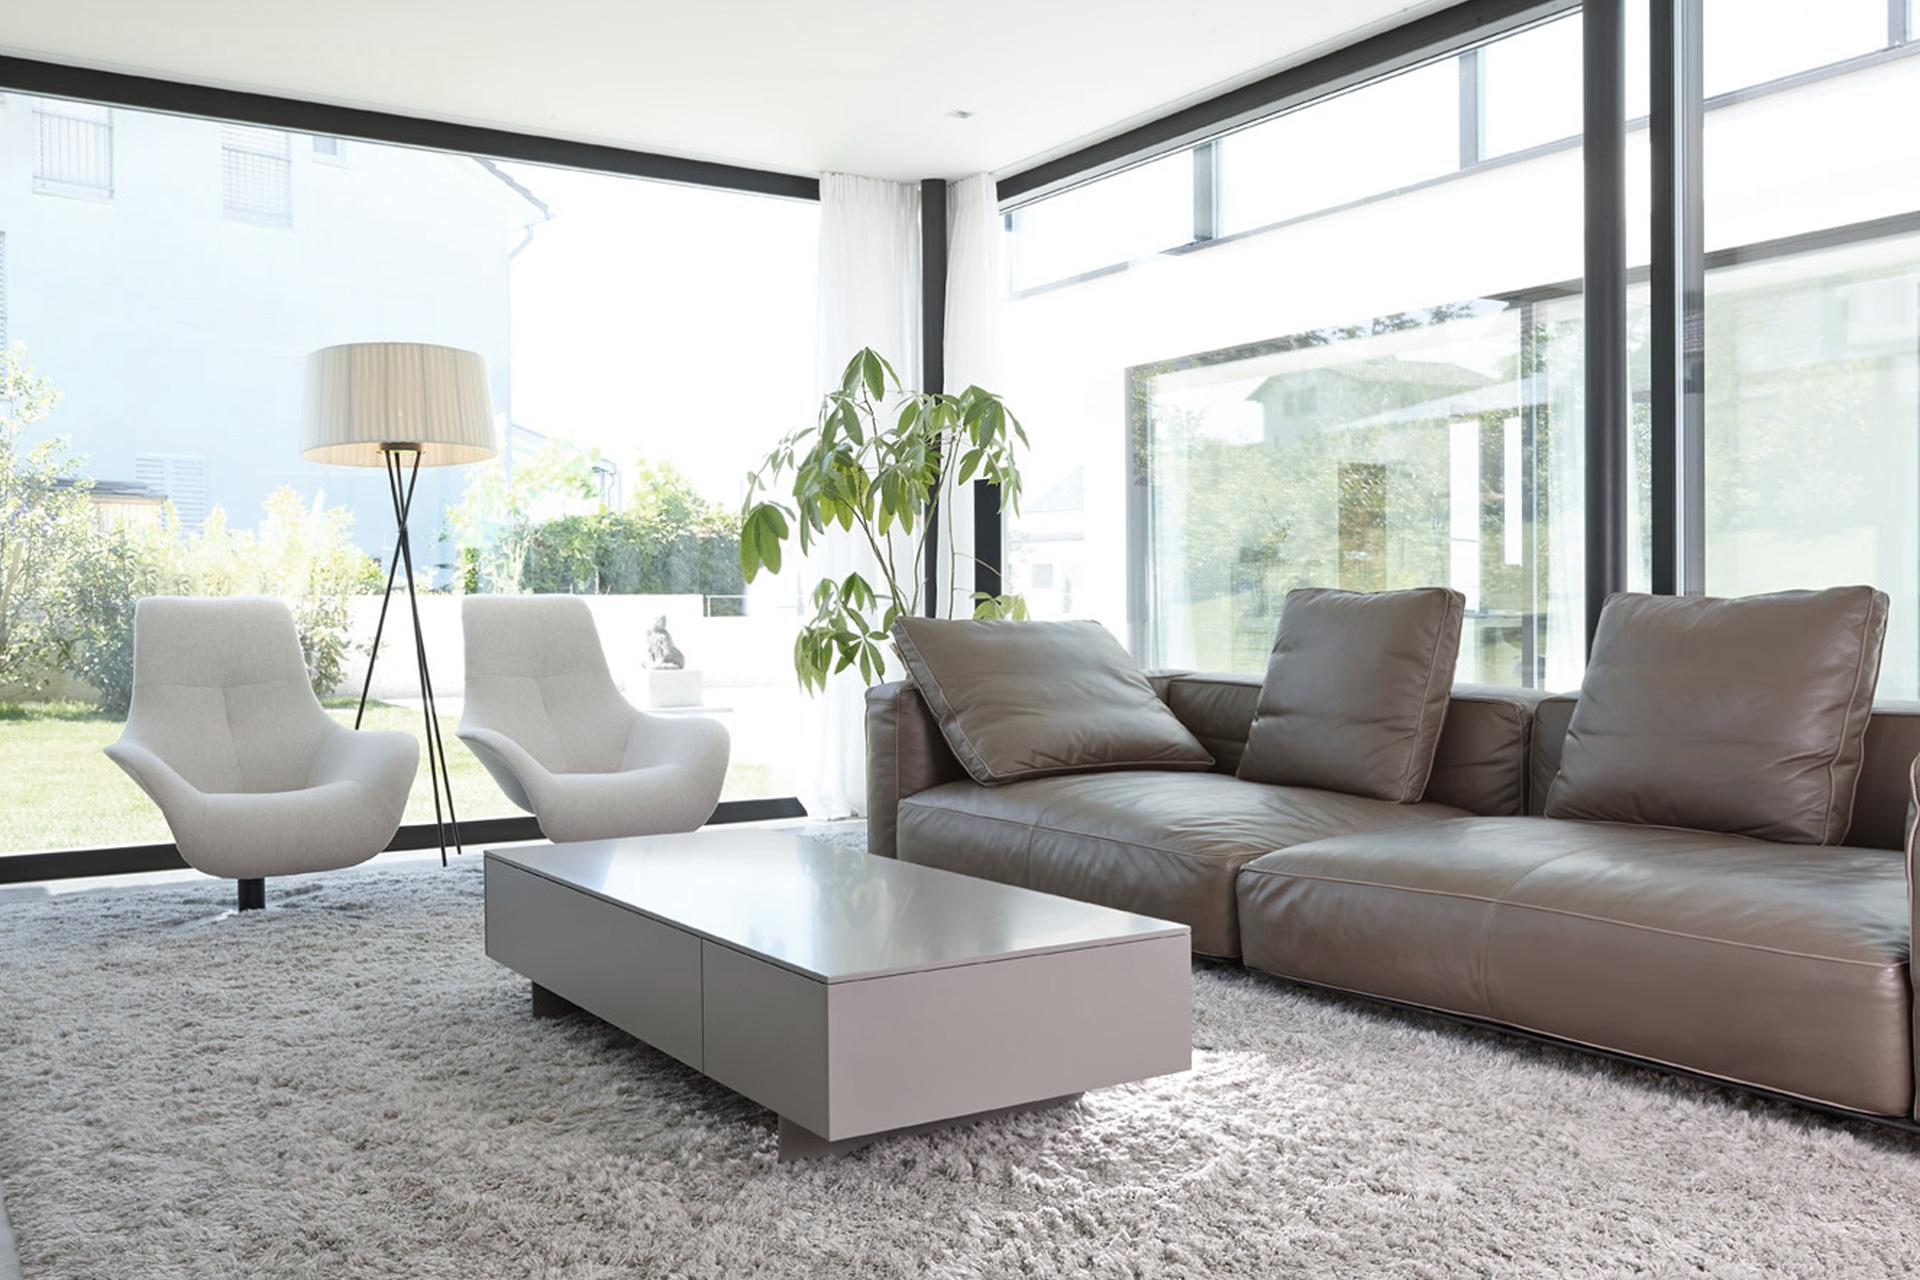 Pfister Klingenfuss Architekten, Haus H, Mörschwil, Wohnen